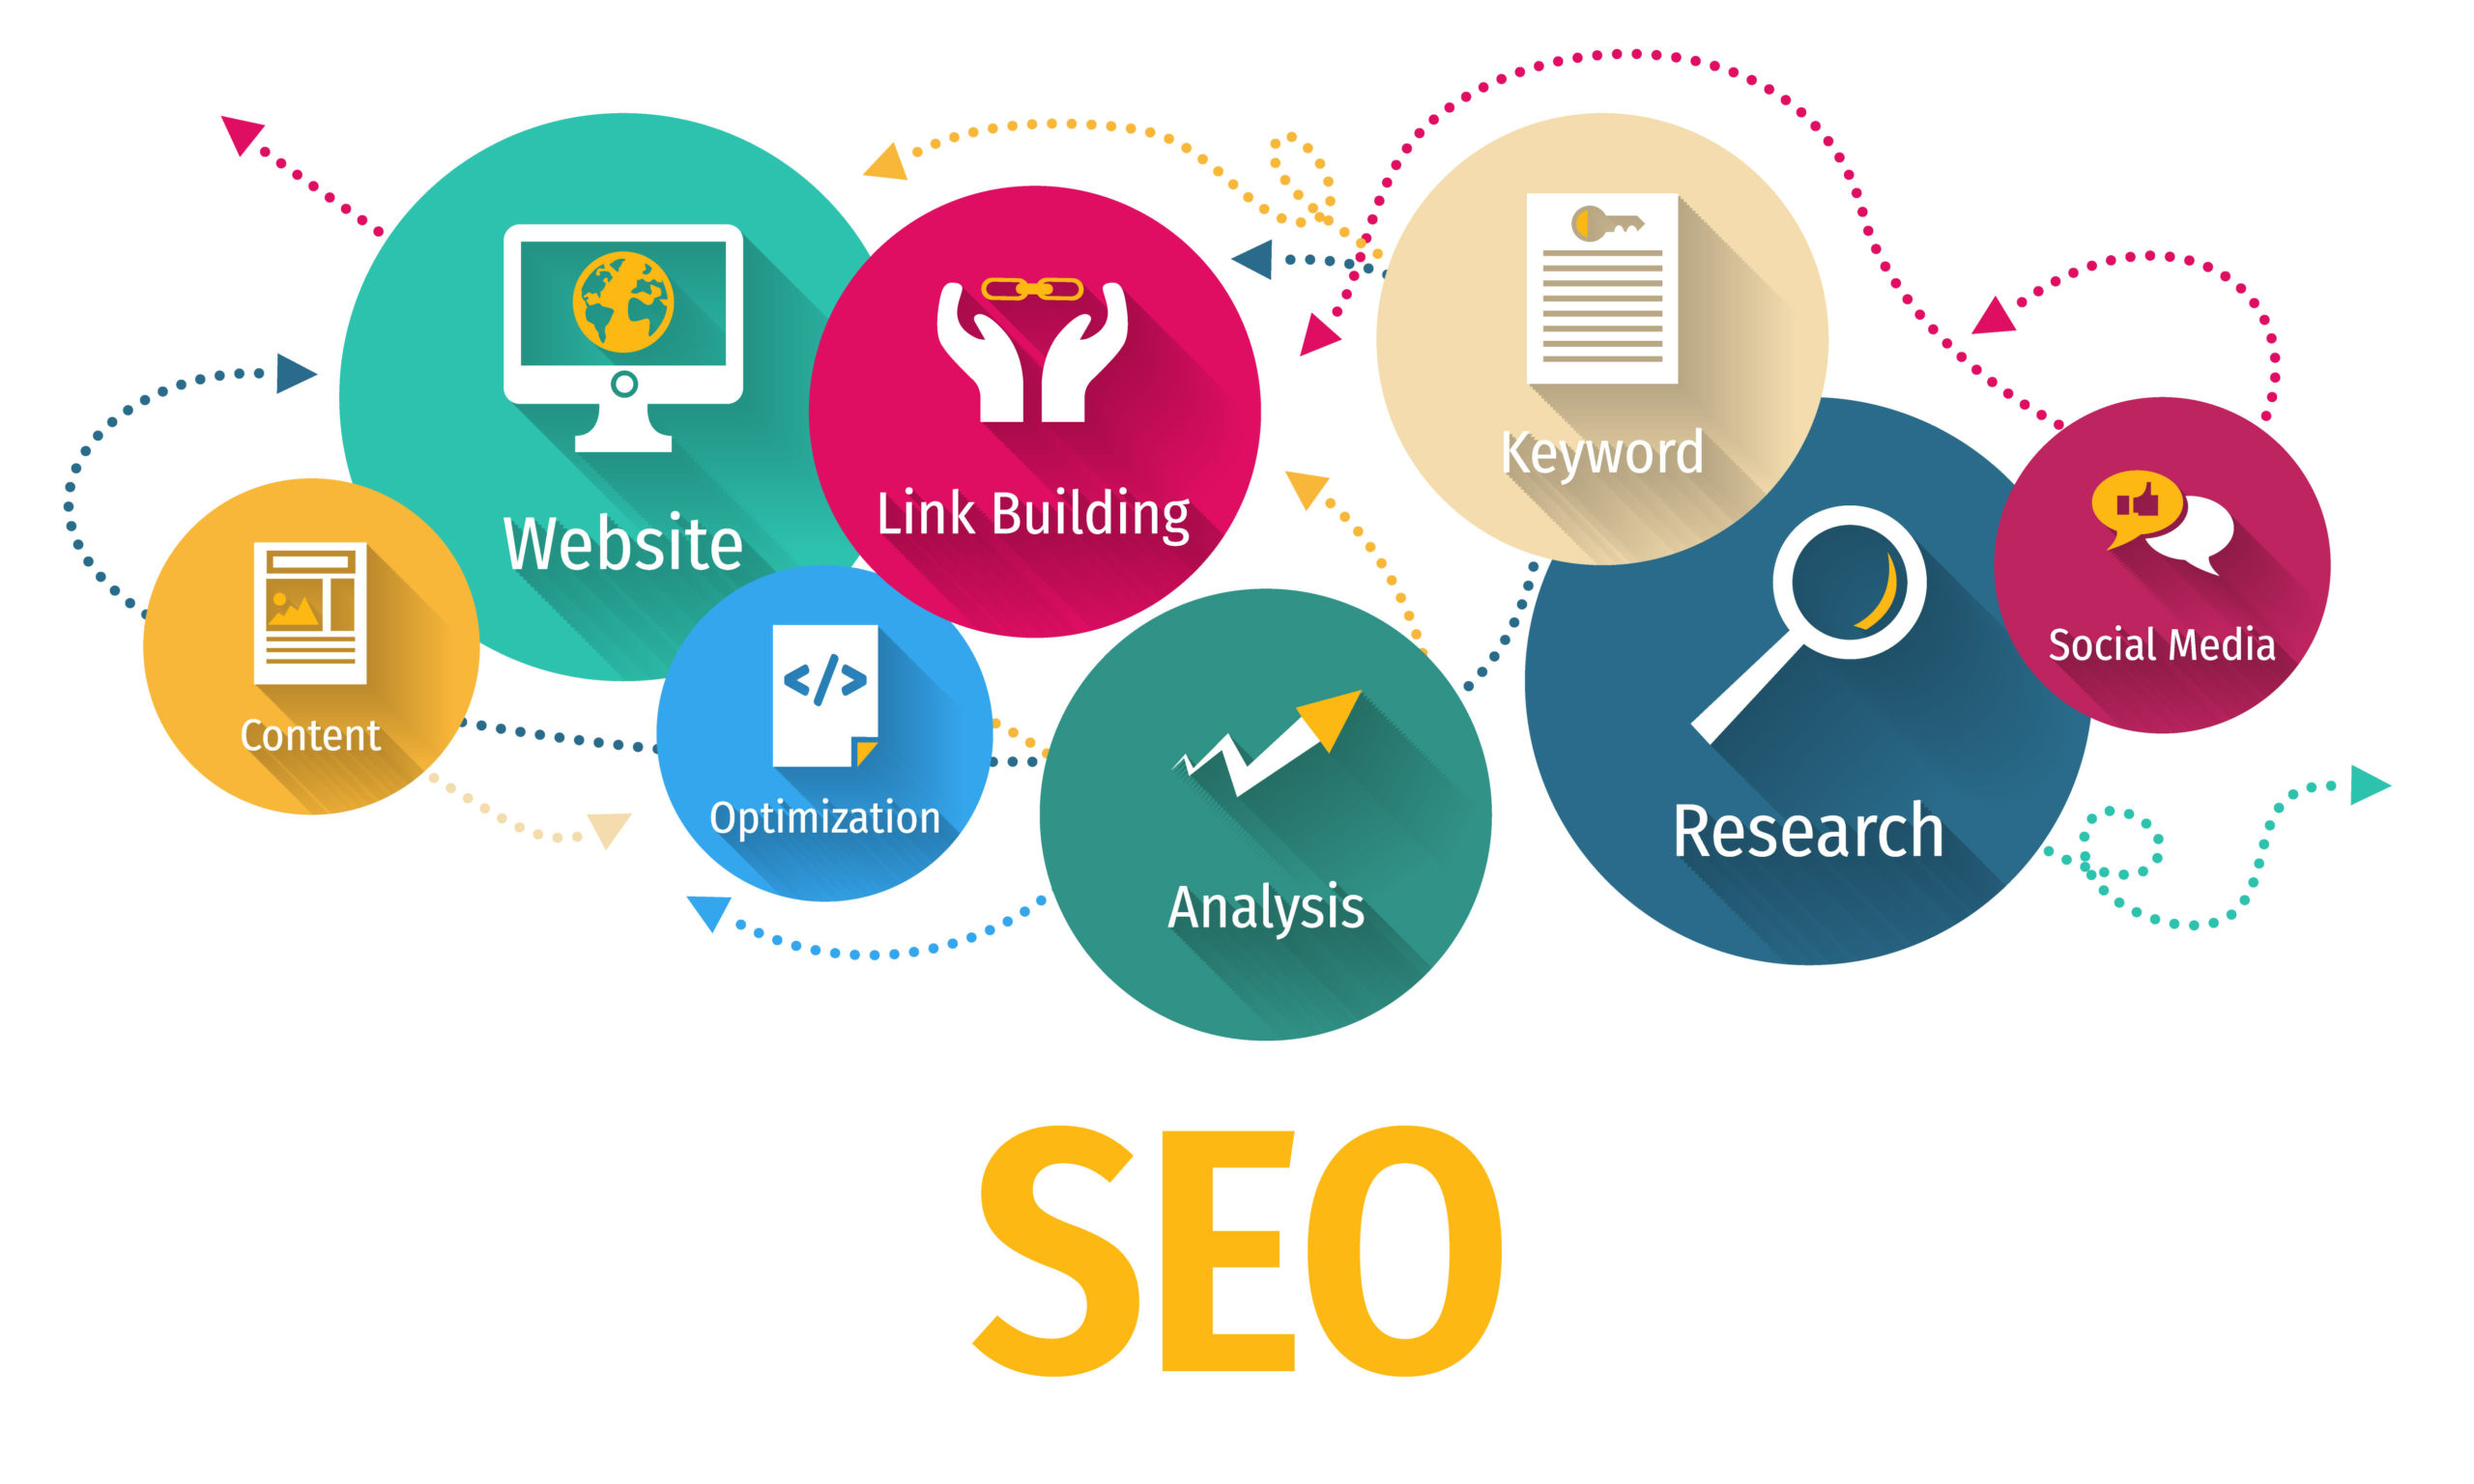 konsultacje-dotyczace-promecji-stron-internetowych-seo